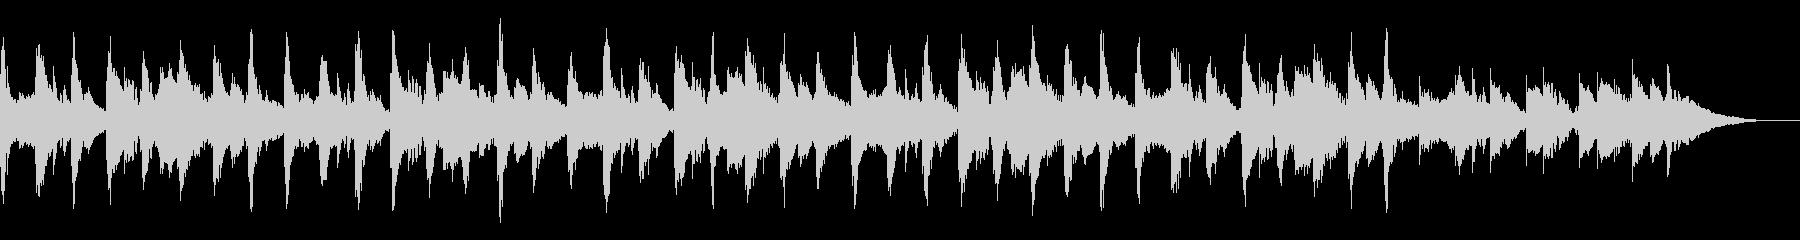 マリンバが鳴るクラシカルなアンビエントの未再生の波形